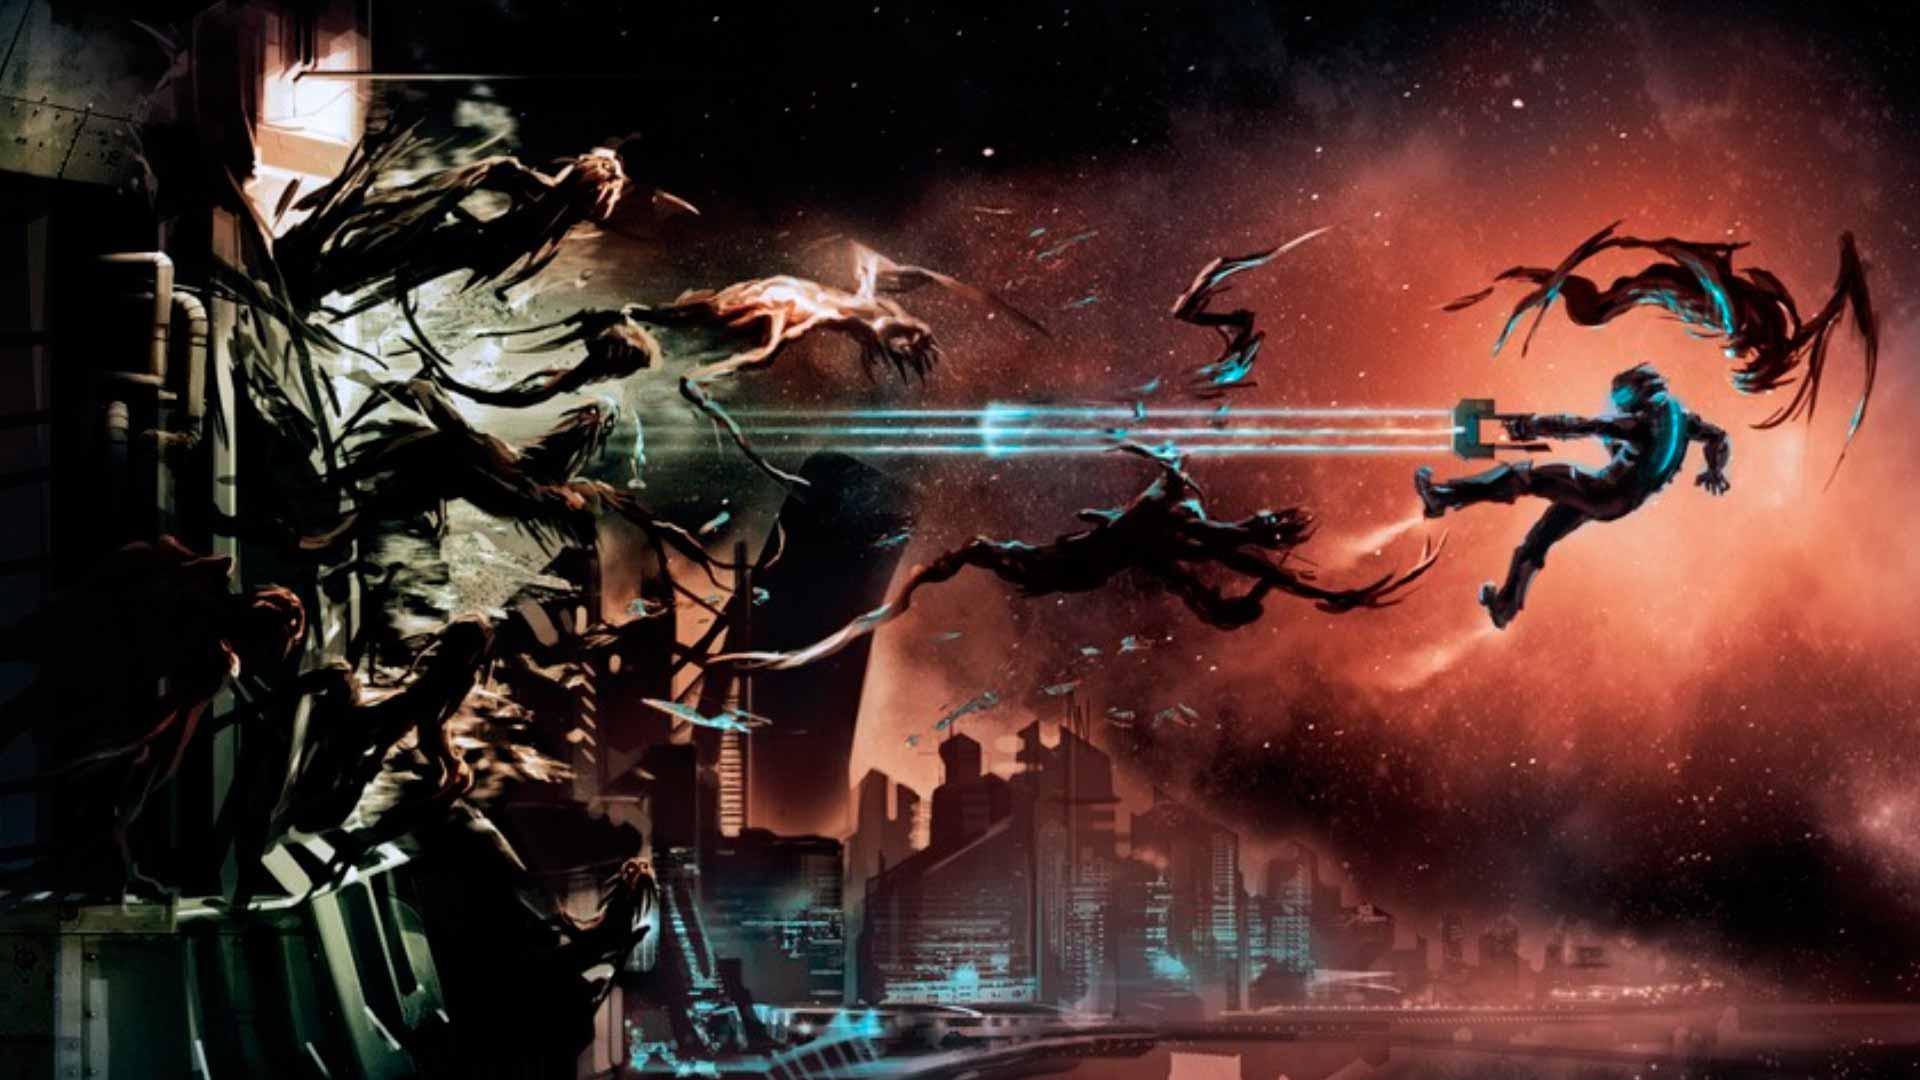 Nuevos rumores indican que Dead Space sería la IP revivida por EA Motive 2